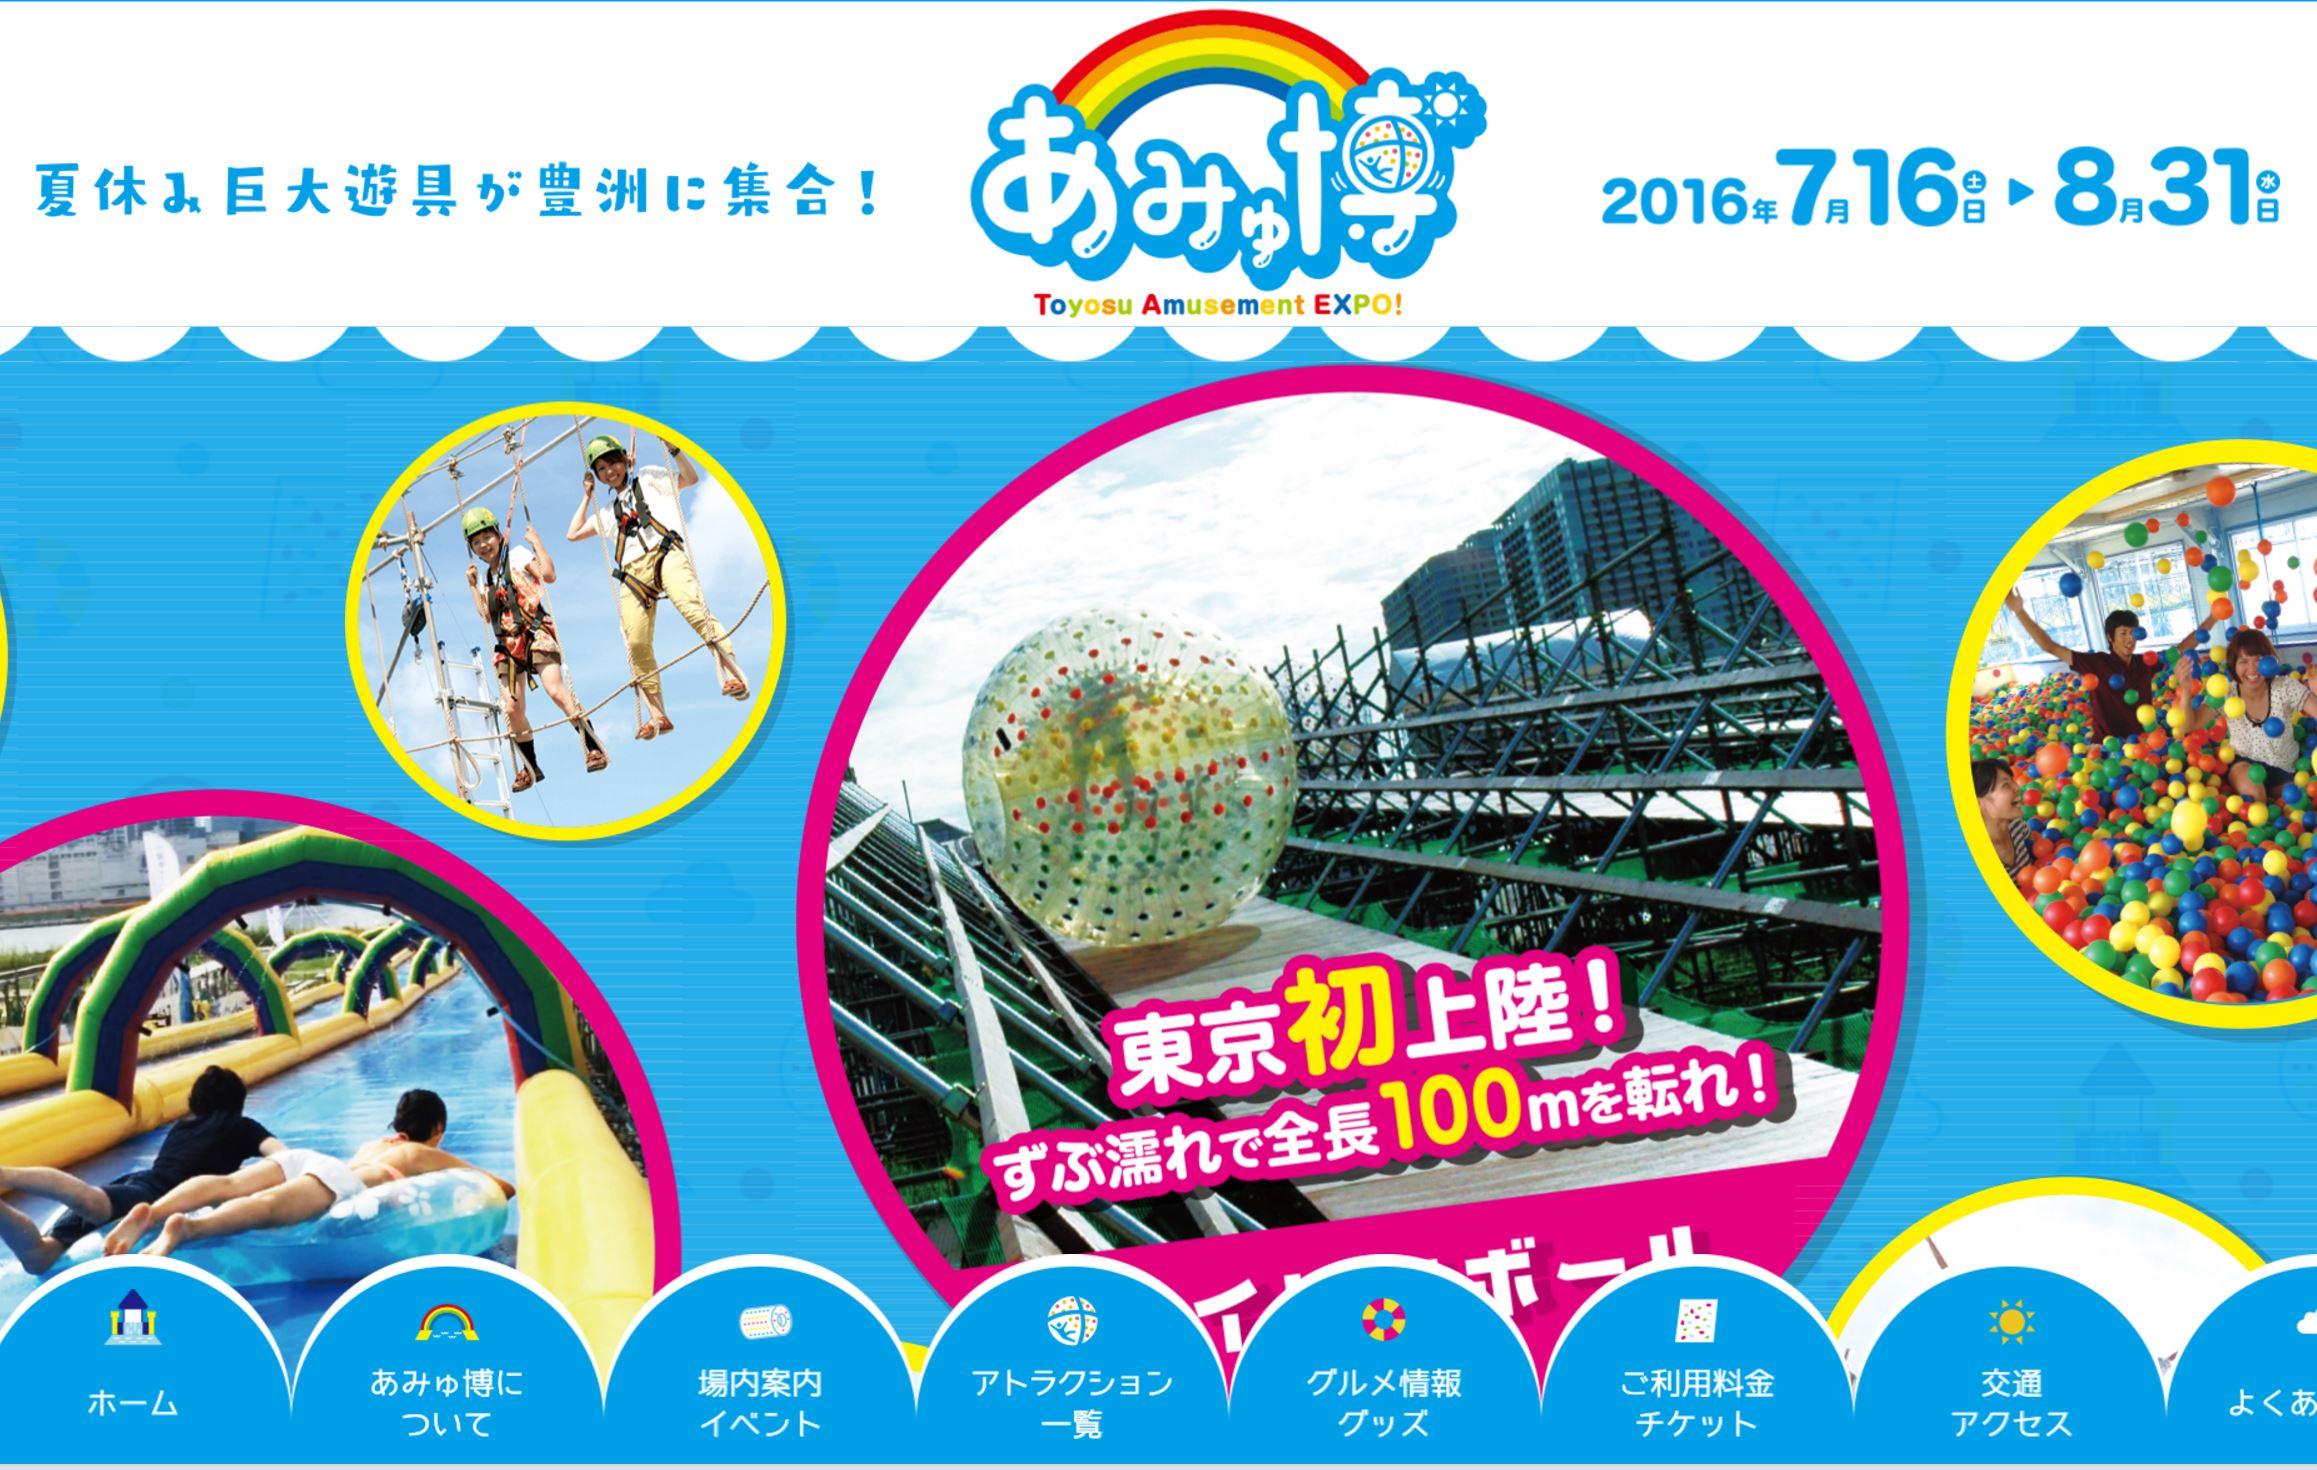 あみゅ博2016 1 豊洲マガジン